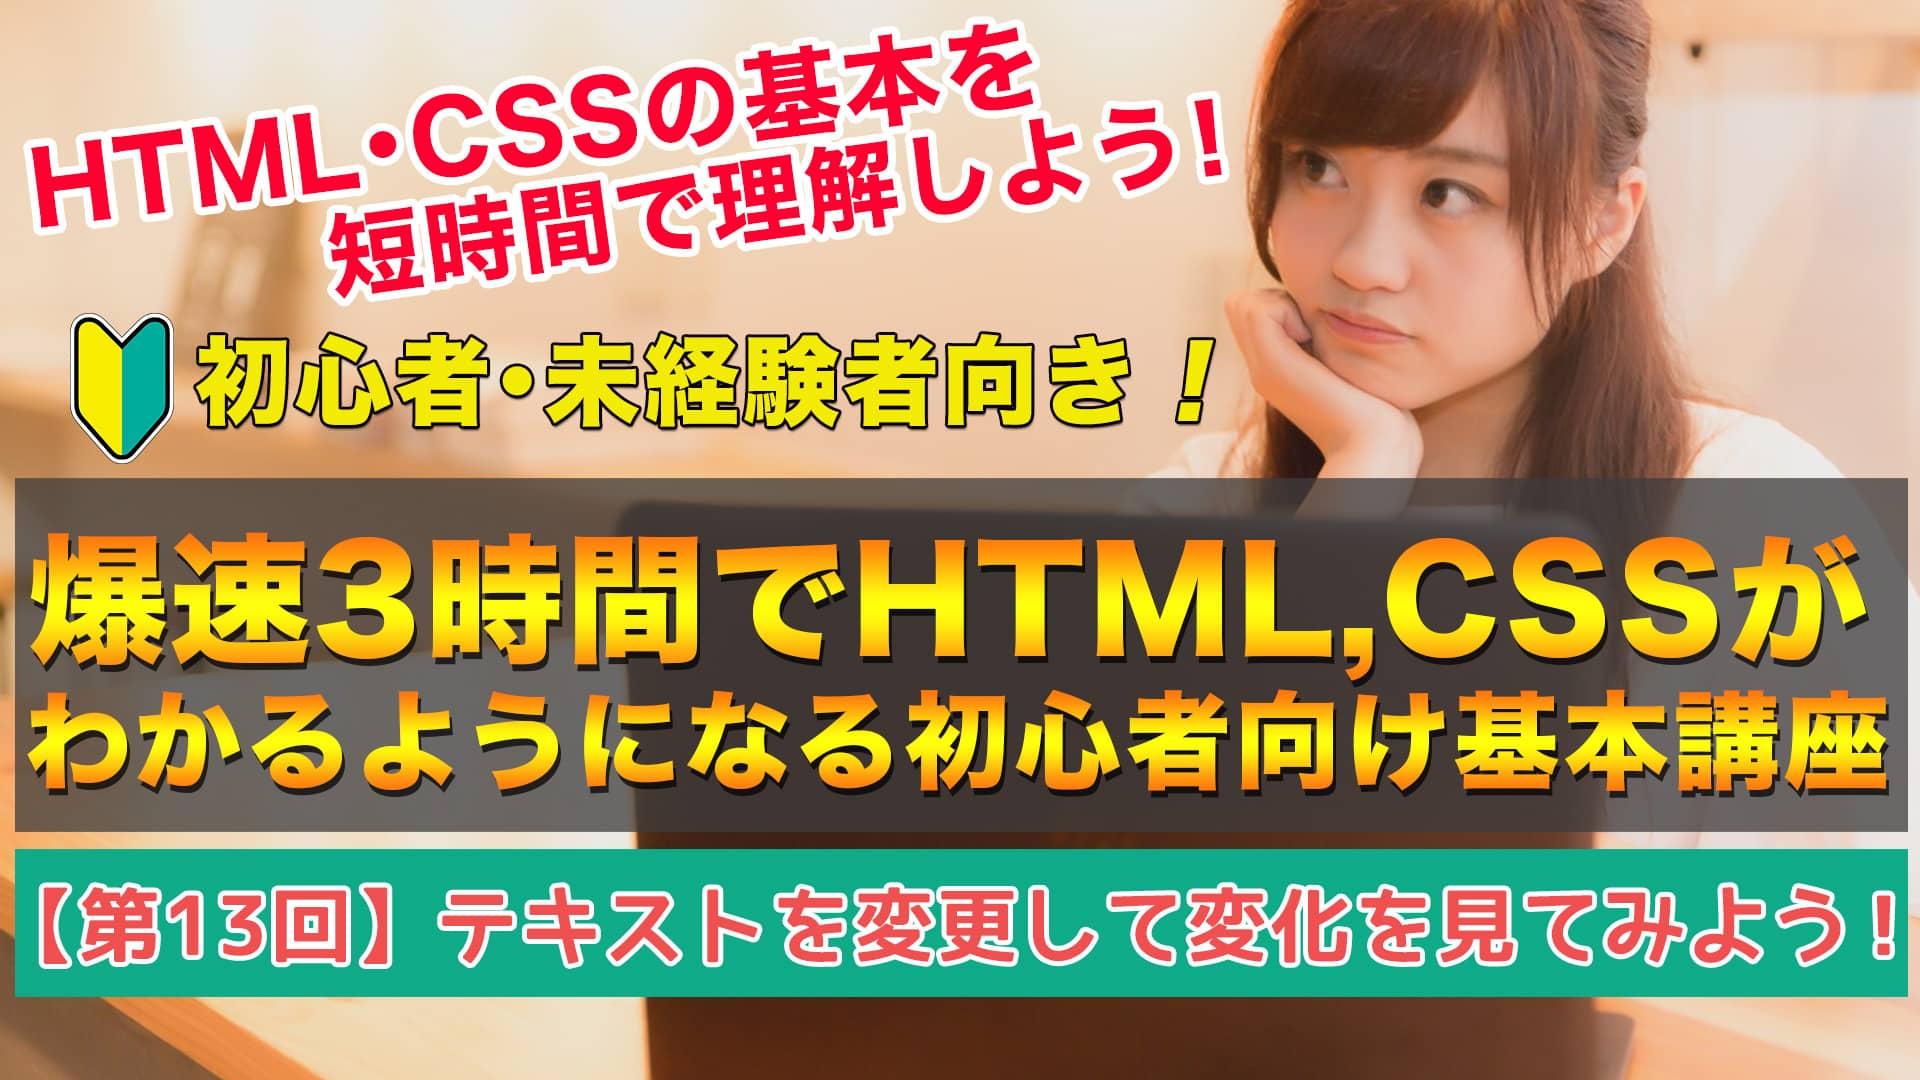 【第13回】テキストを変更して変化を見てみよう!   爆速3時間でHTML,CSSがわかるようになる初心者向け基本講座